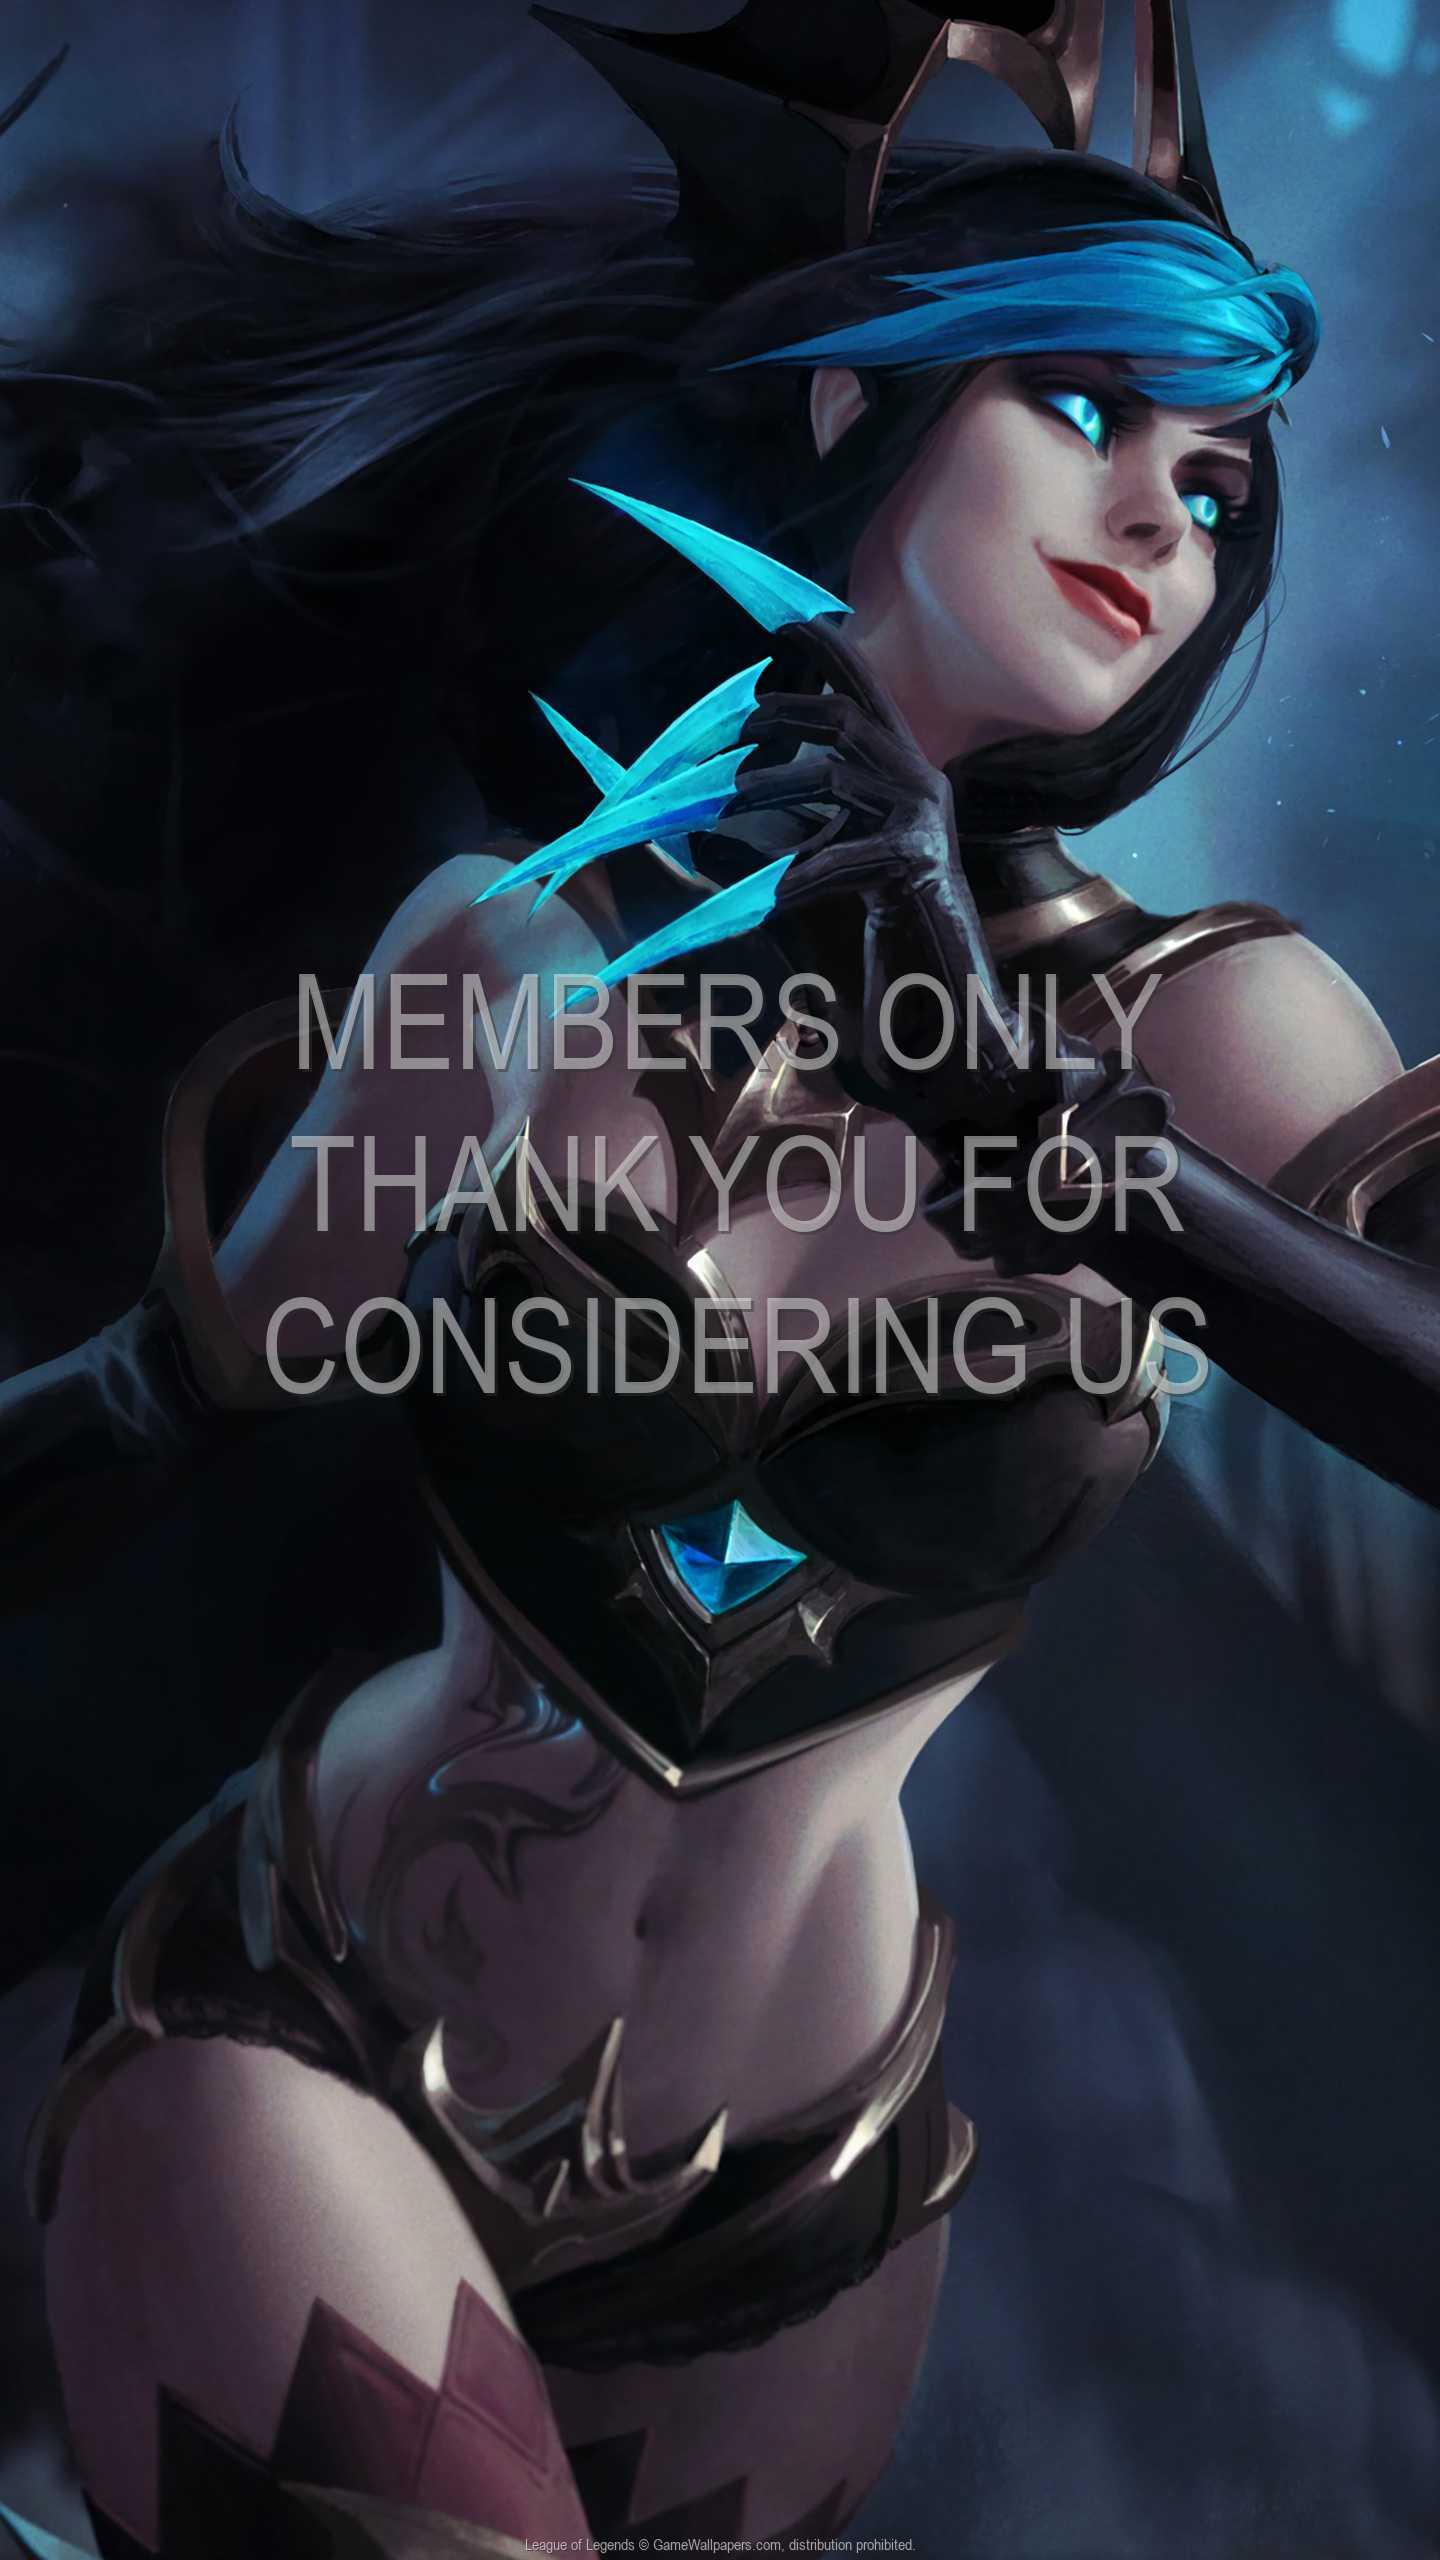 League of Legends 1440p Vertical Handy Hintergrundbild 80